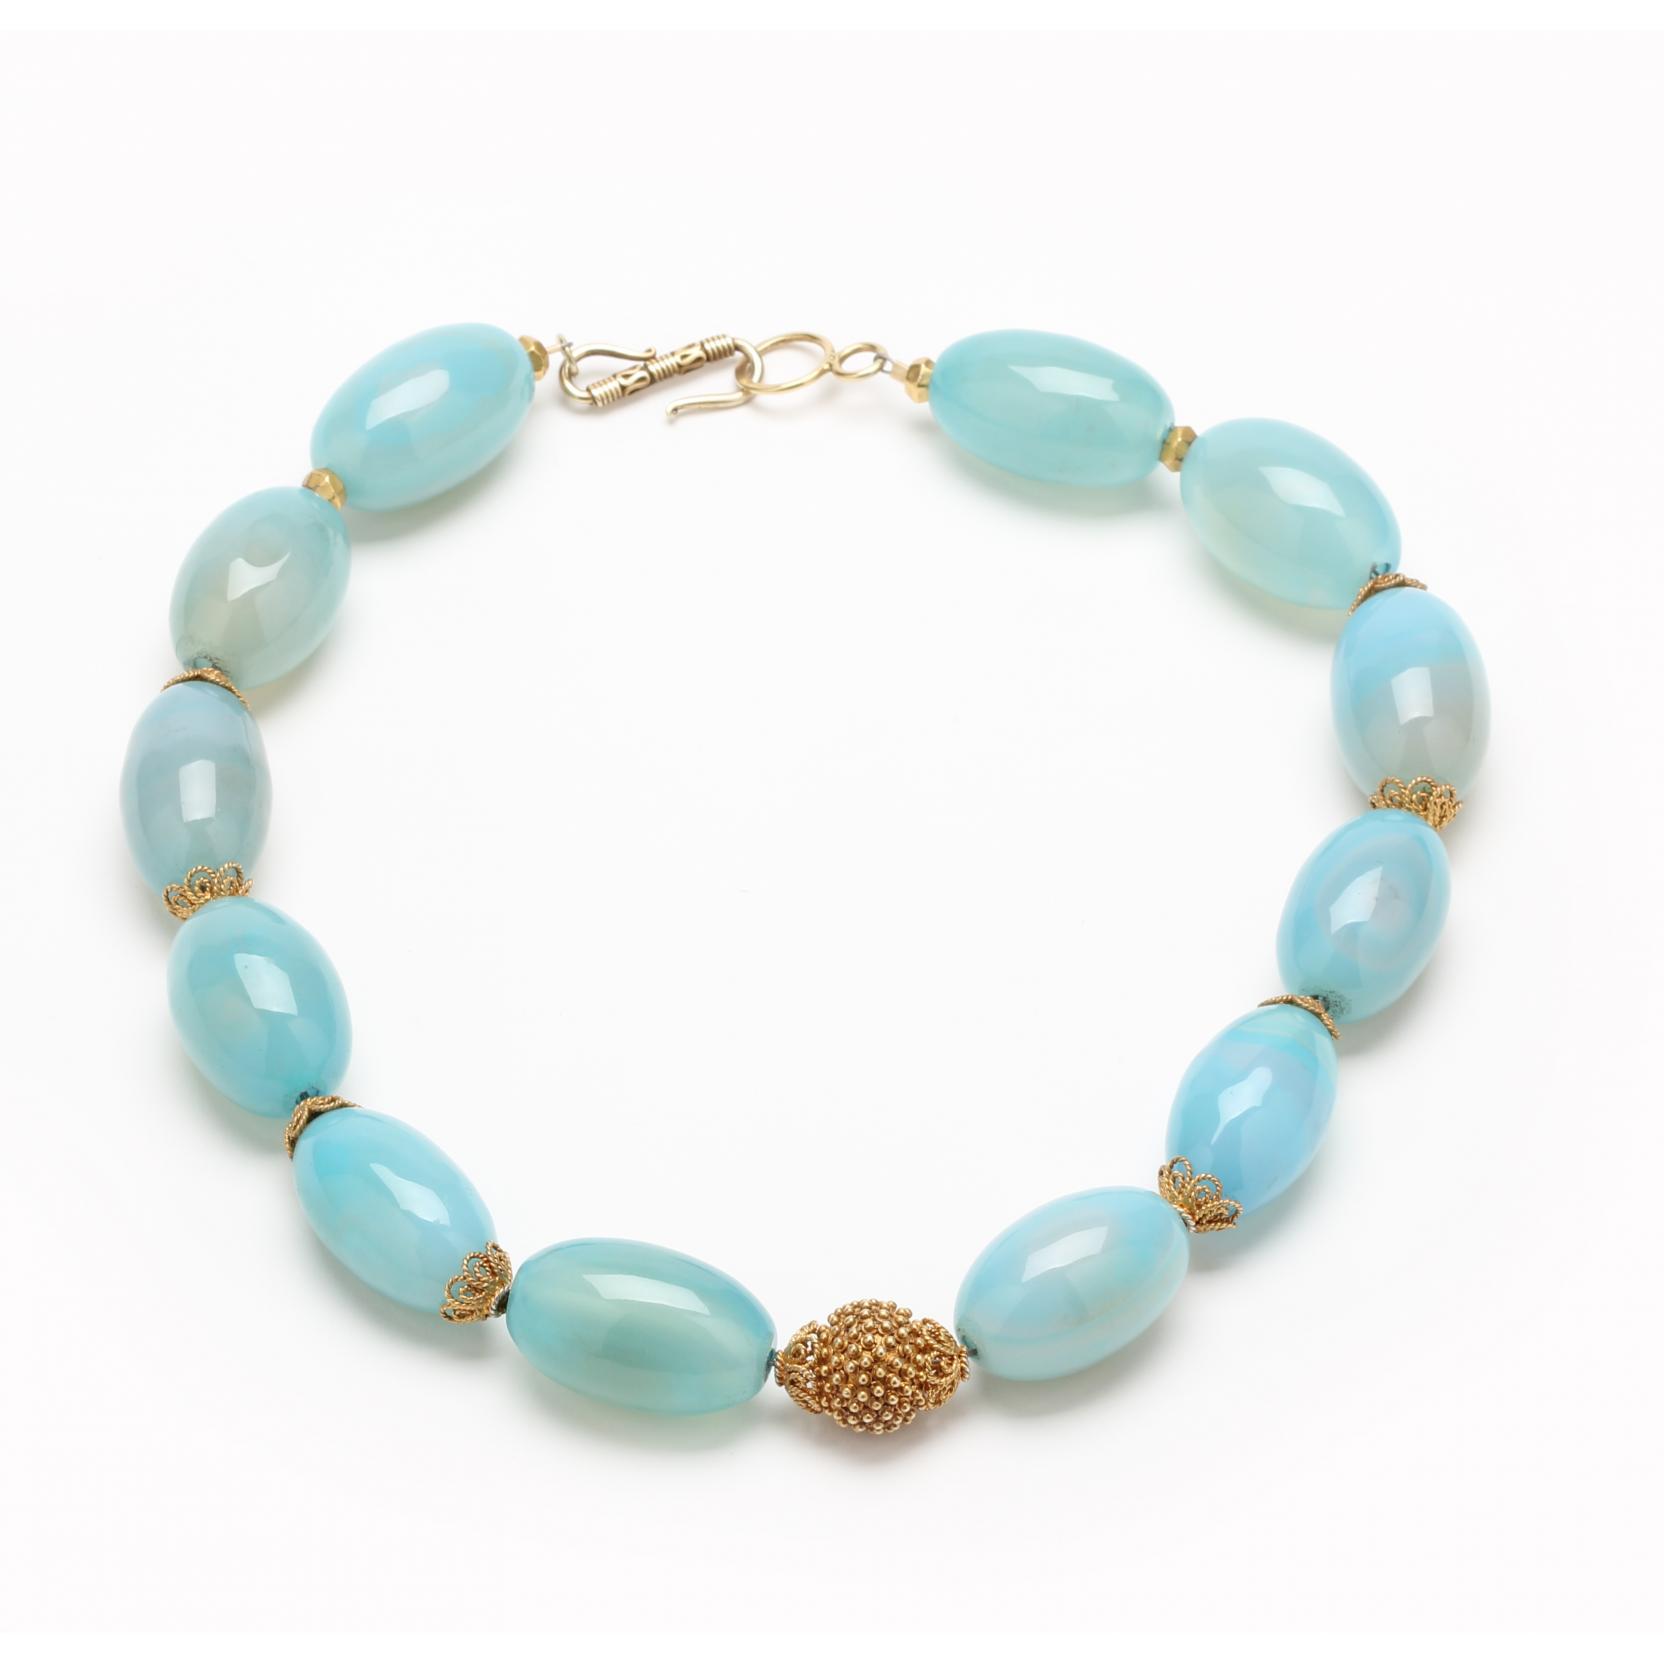 aquamarine-quartz-bead-necklace